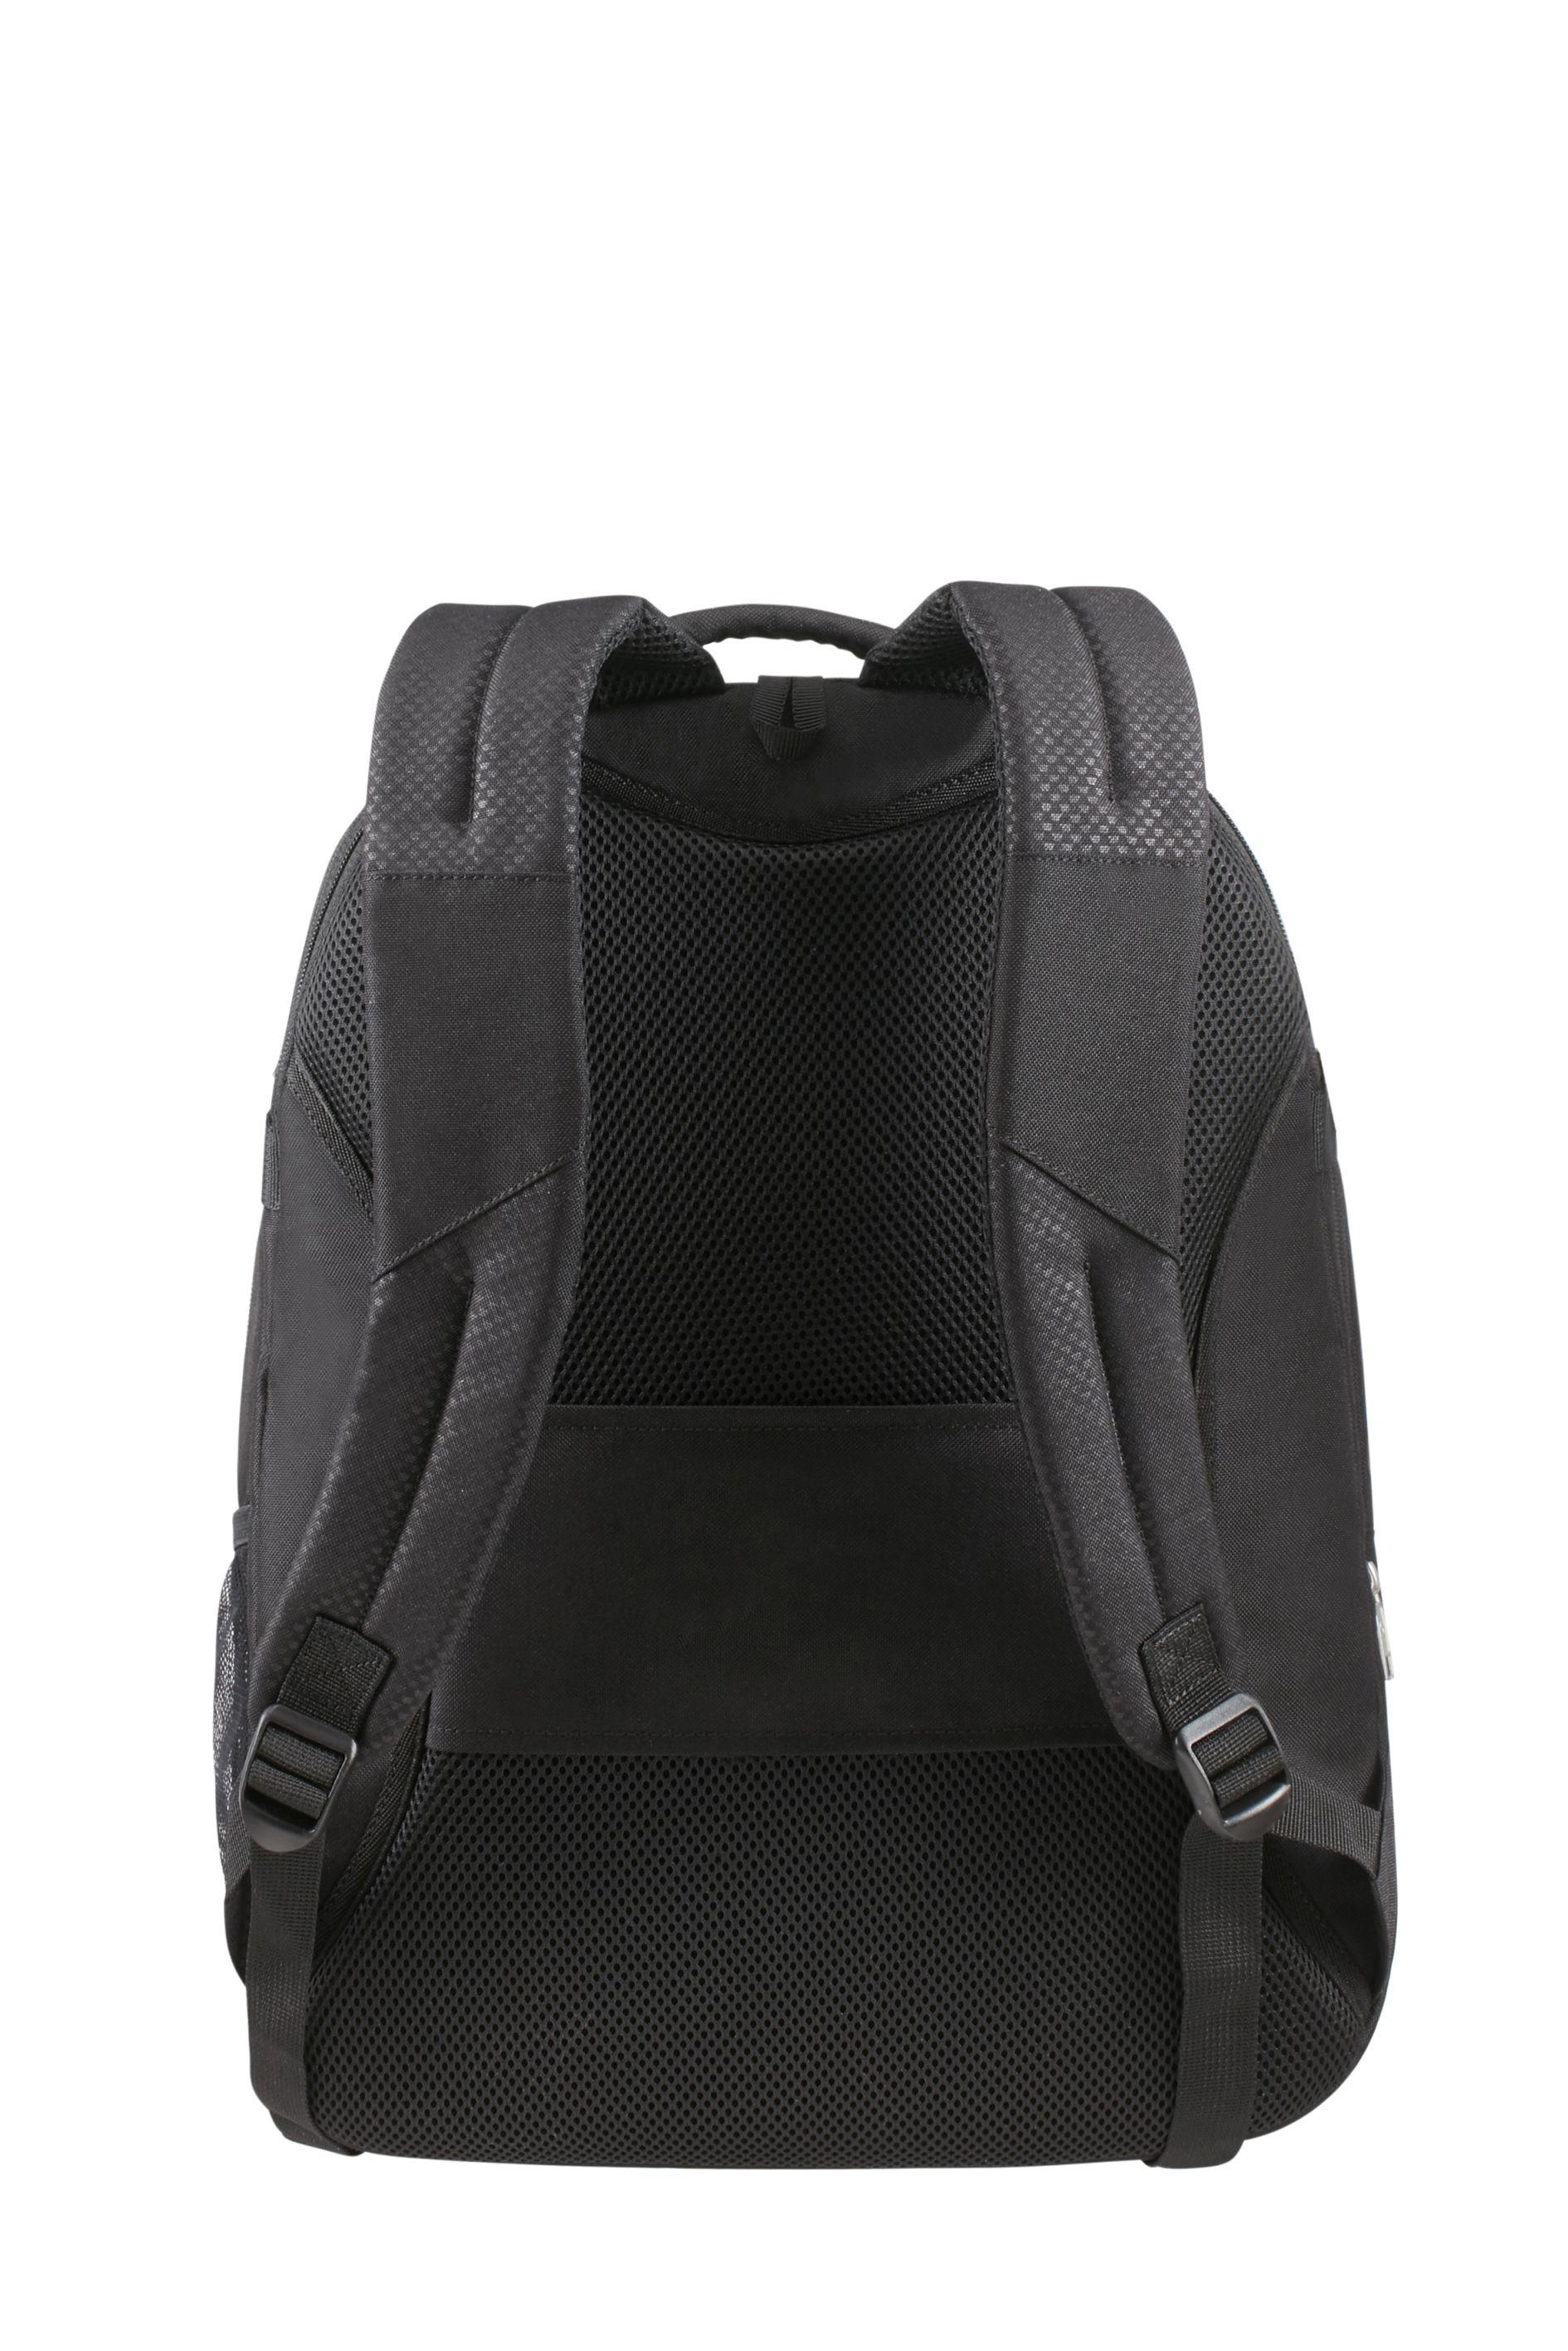 Samsonite Sonora Laptop Backpack L EXP, View 7